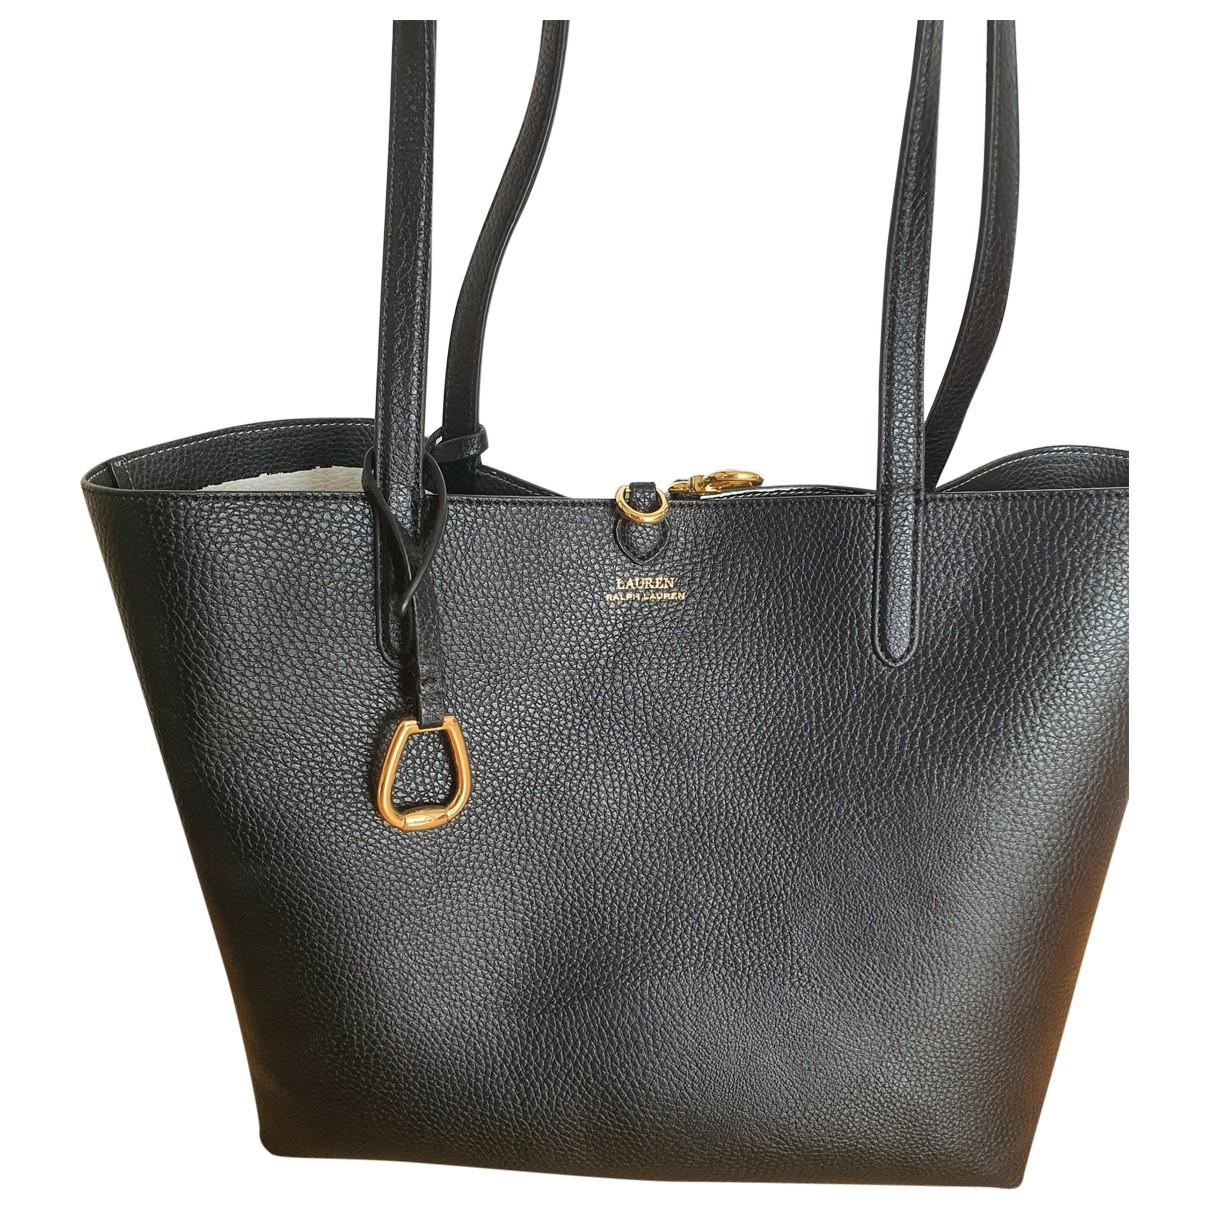 Lauren Ralph Lauren \N Black handbag for Women \N